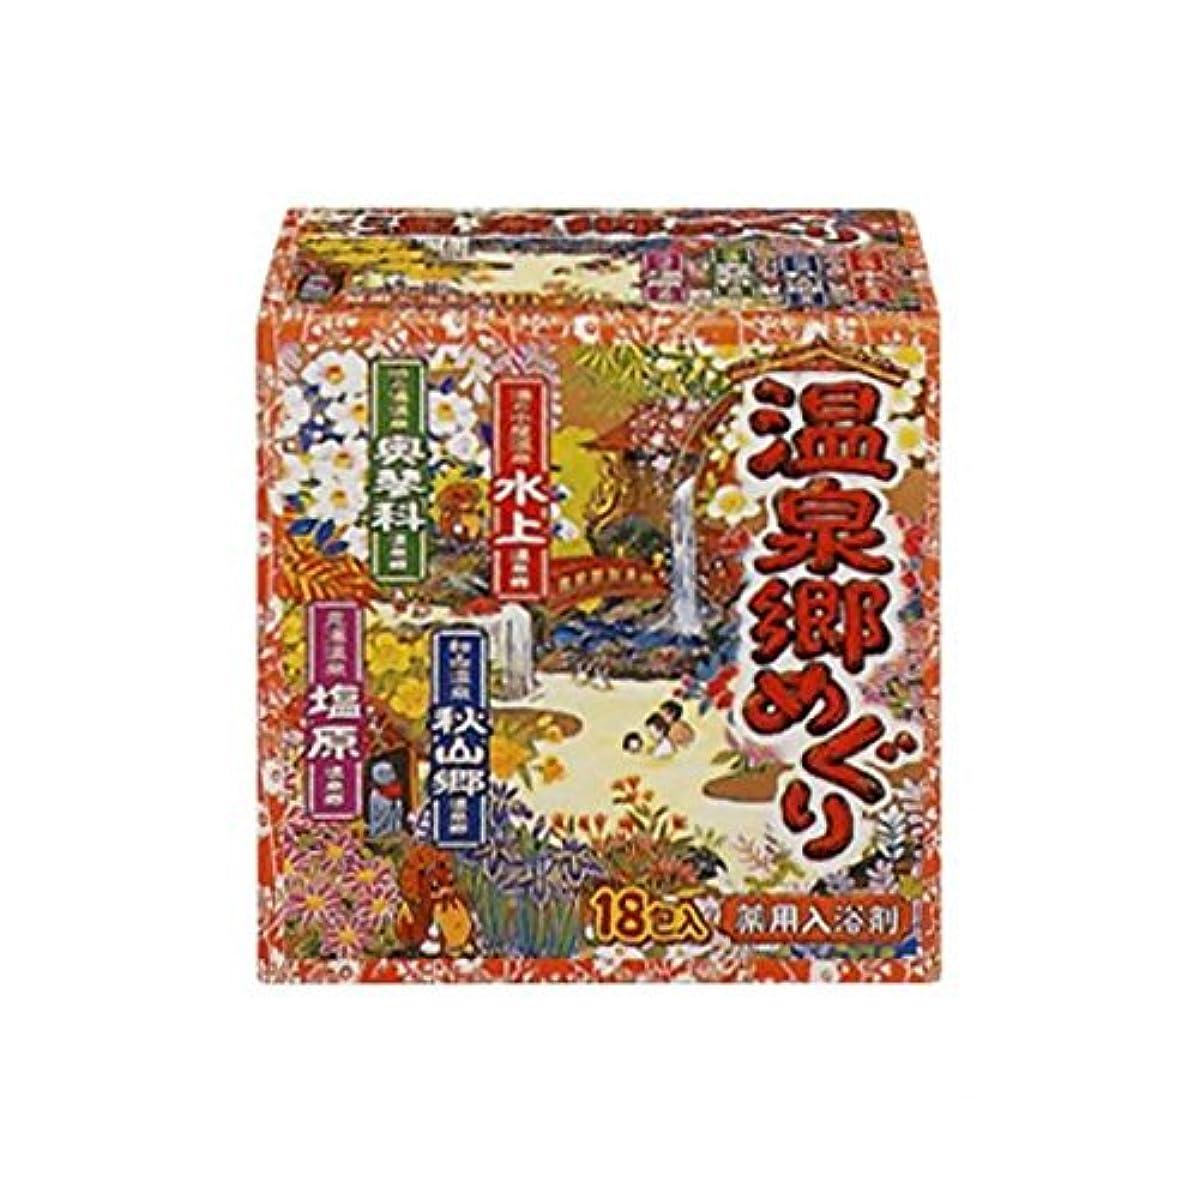 重要な書誌虫を数える【まとめ買い】温泉郷めぐり ×2セット